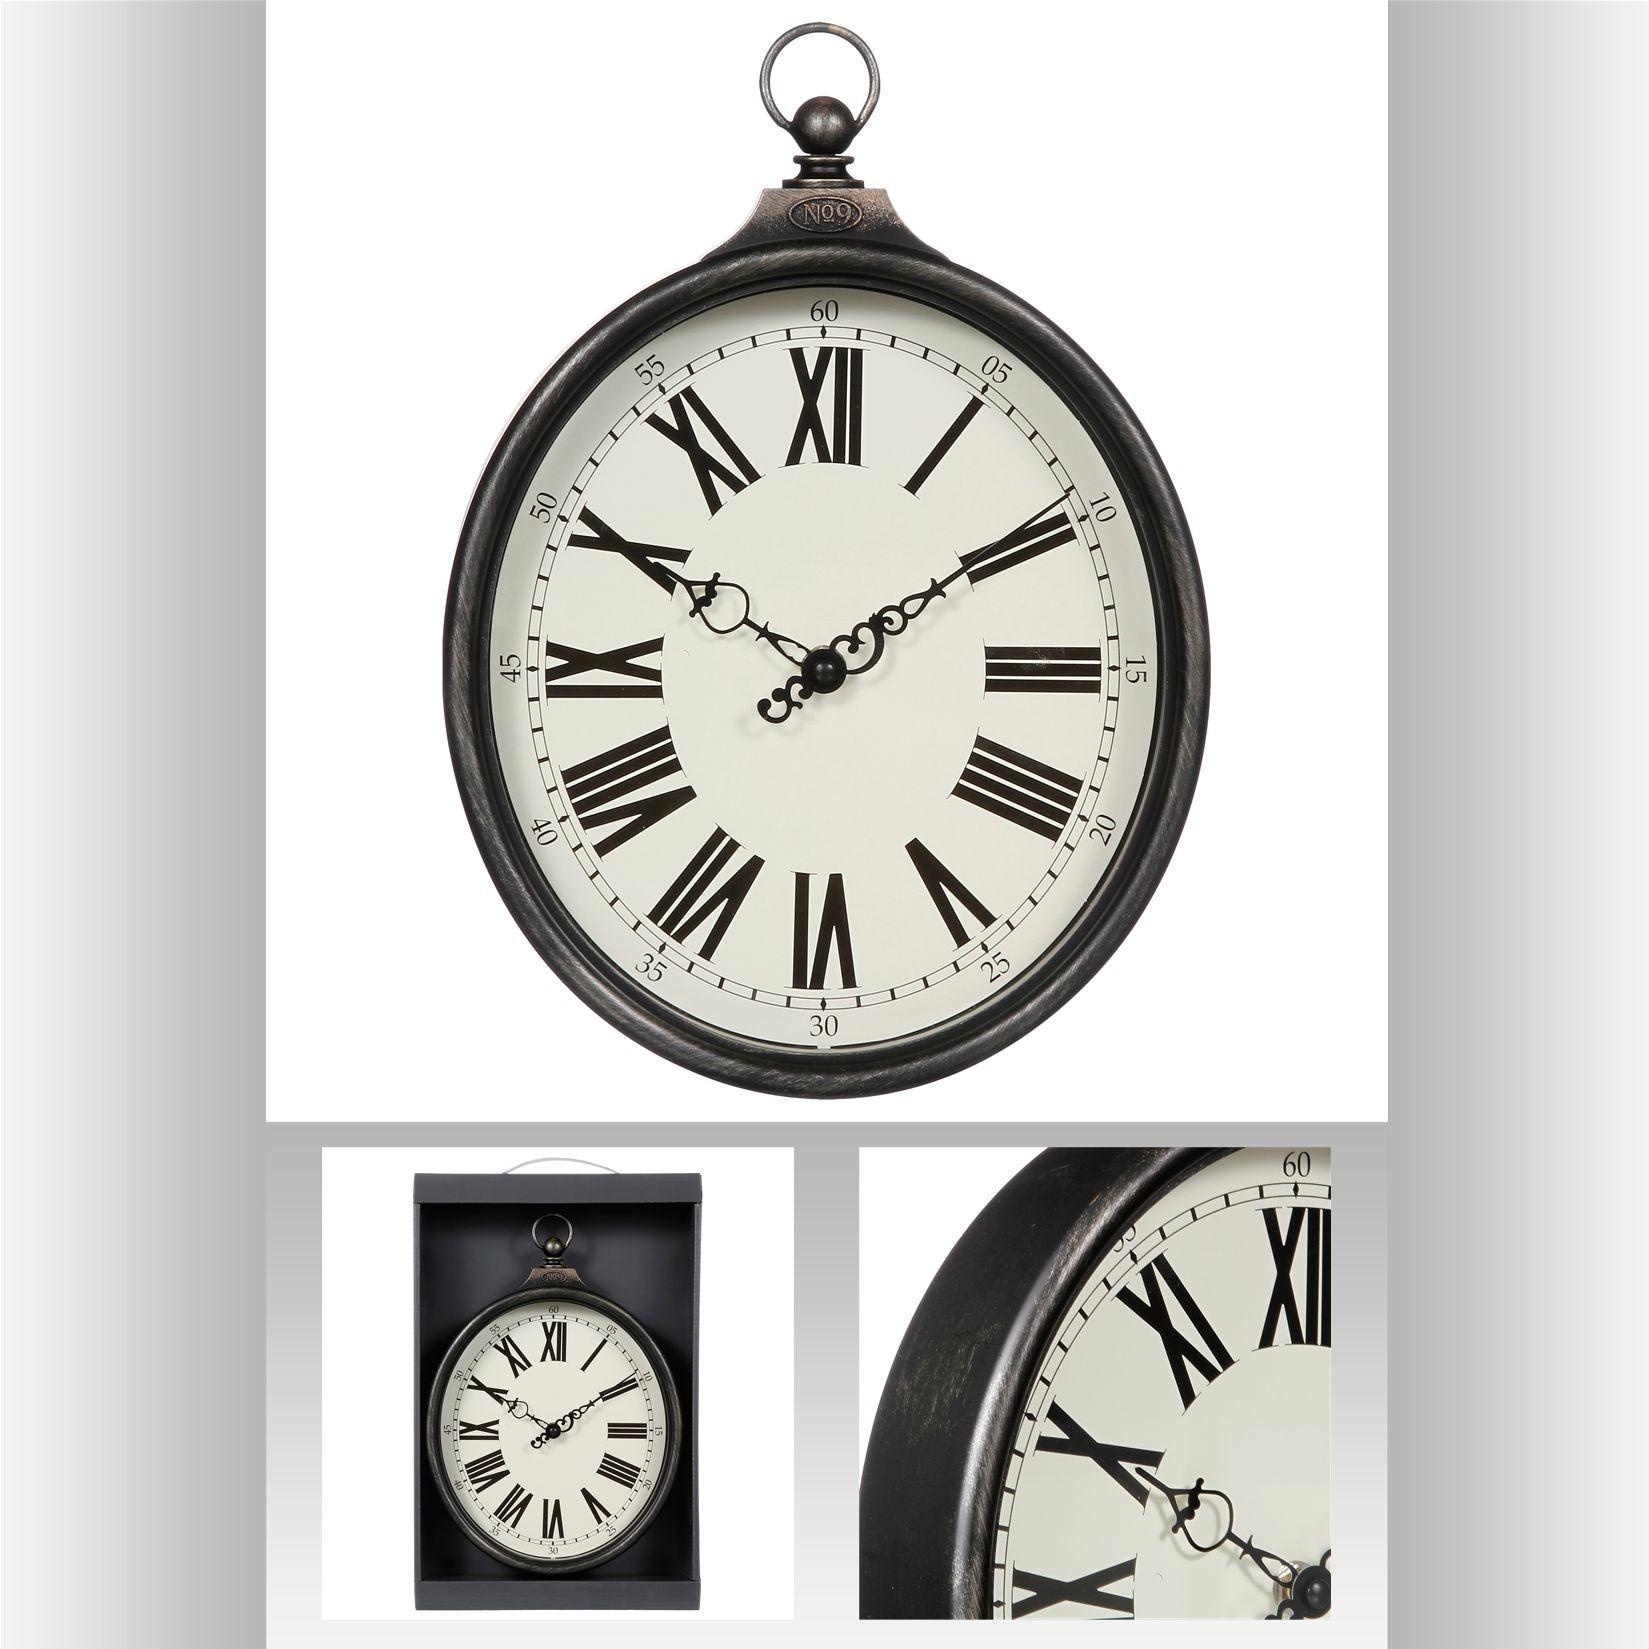 chiffres r/éguliers et r/éguliers SE JT6336-2 Lot de 2 cl/és universelles en laiton pour remonter les horloges